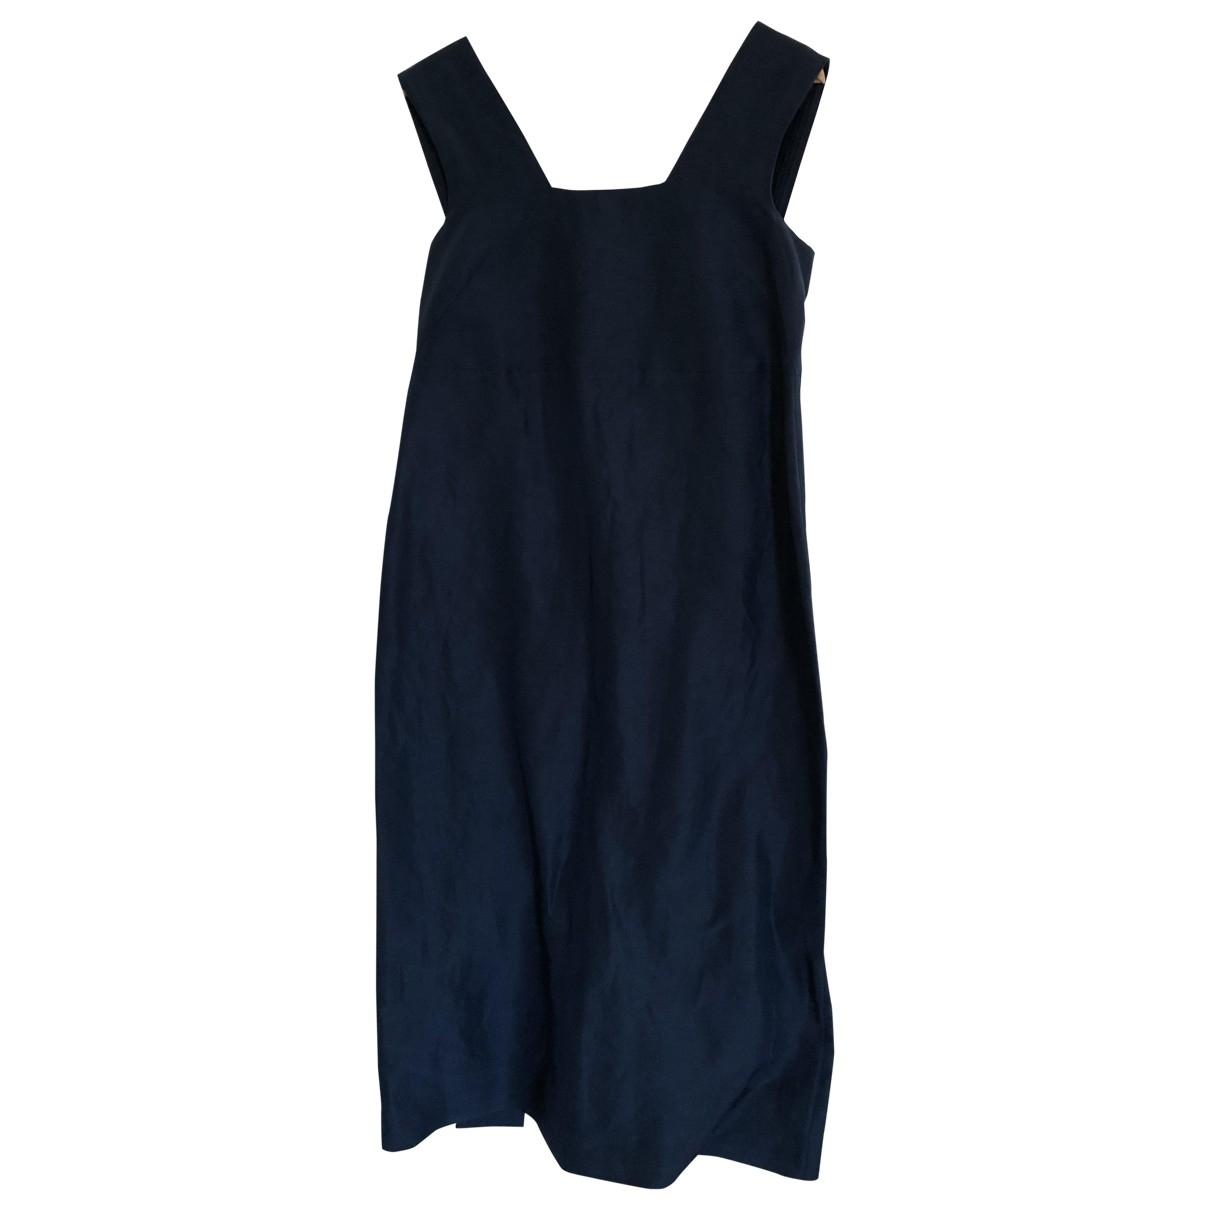 Cos \N Kleid in  Blau Leinen